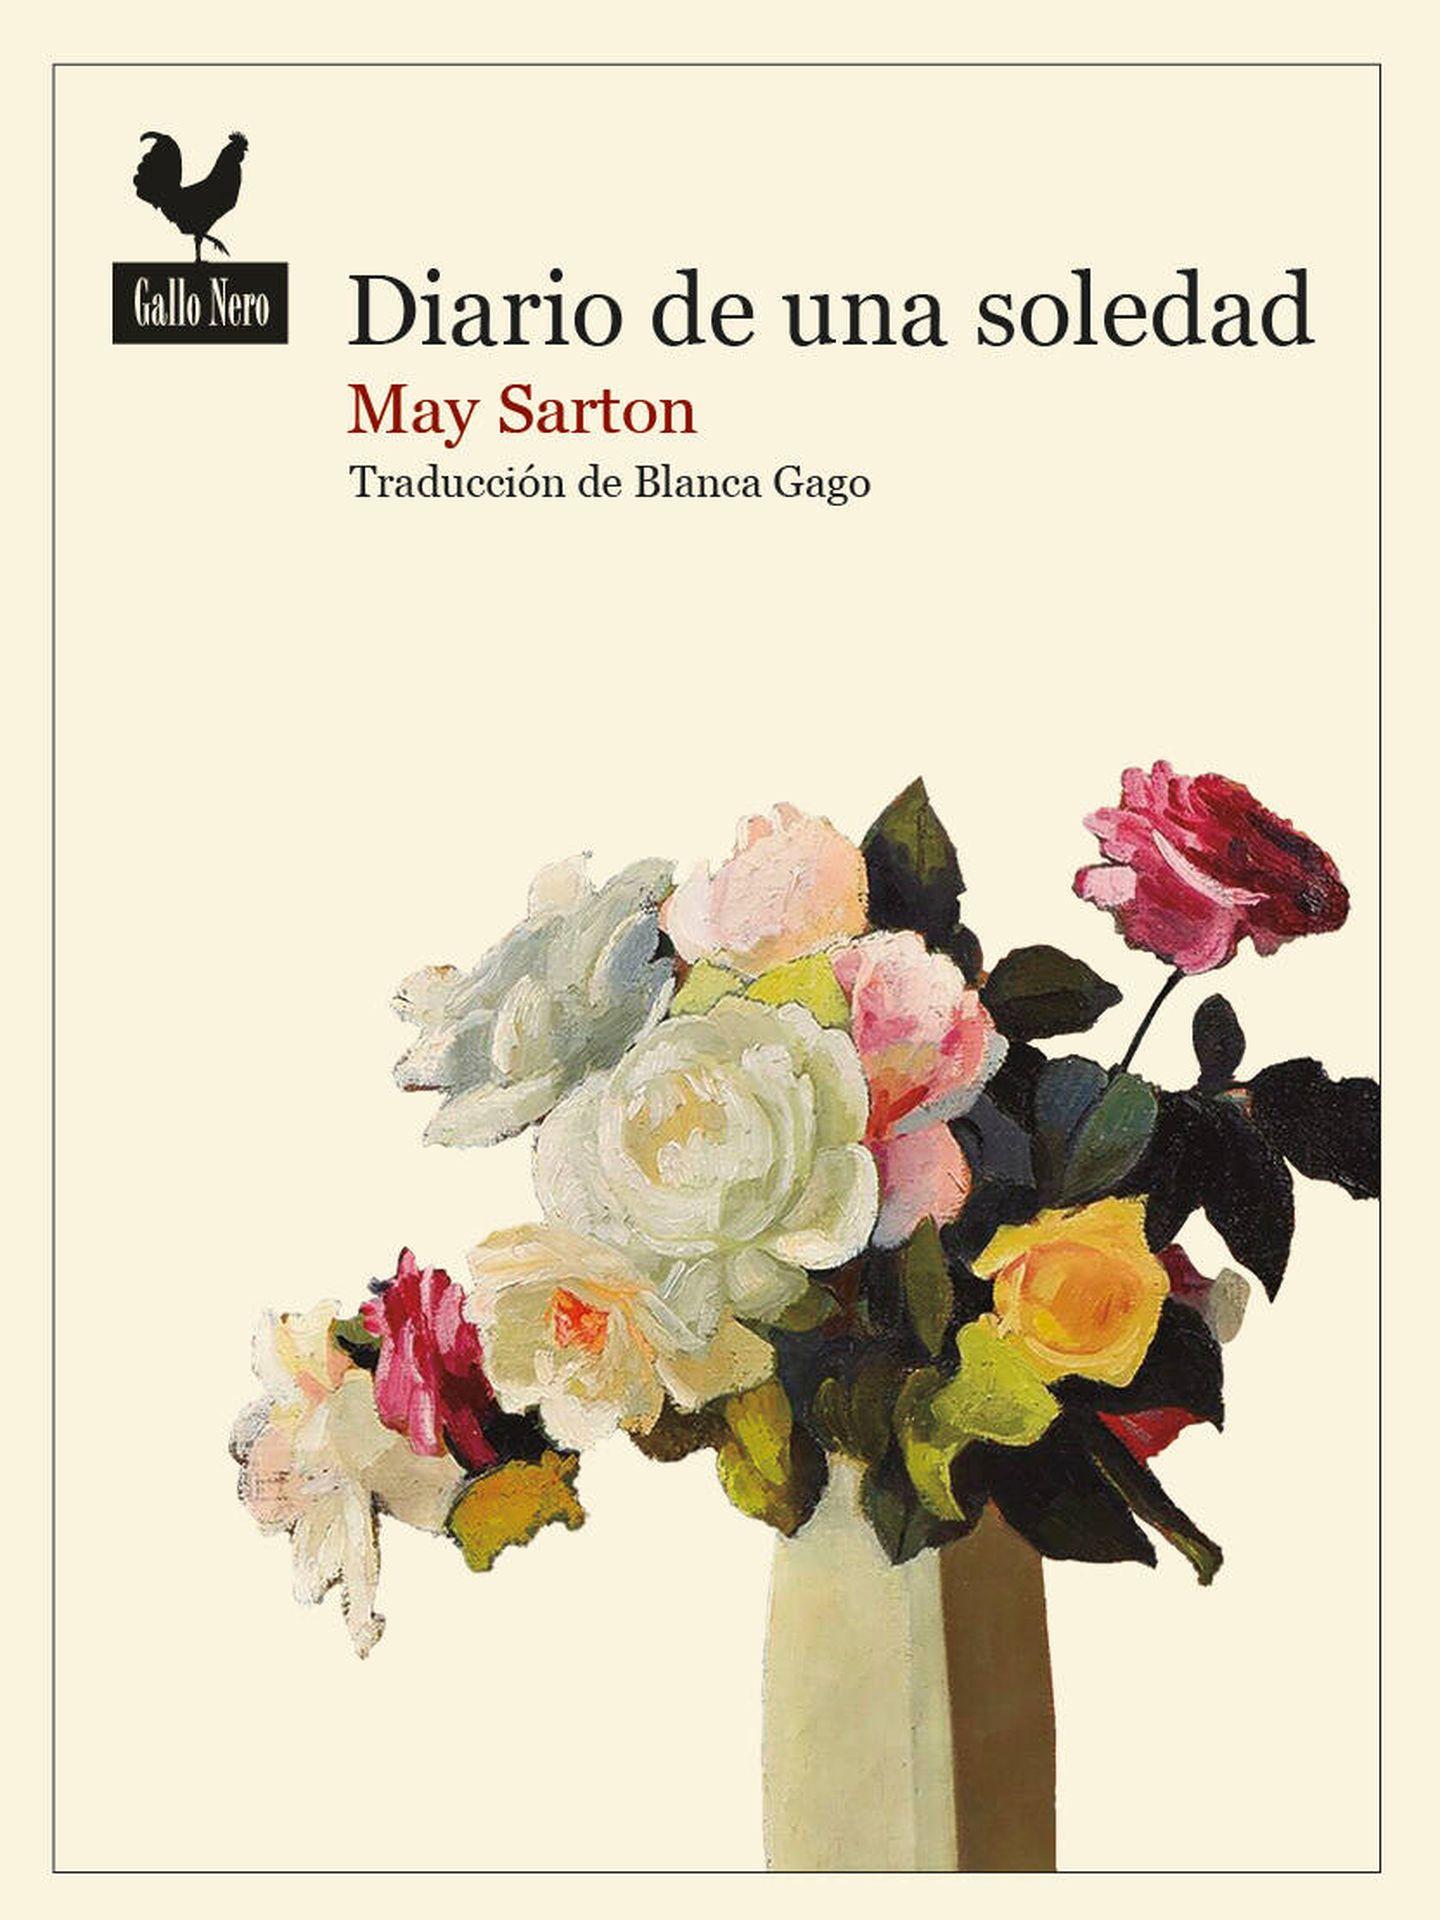 'Diario de una soledad'.